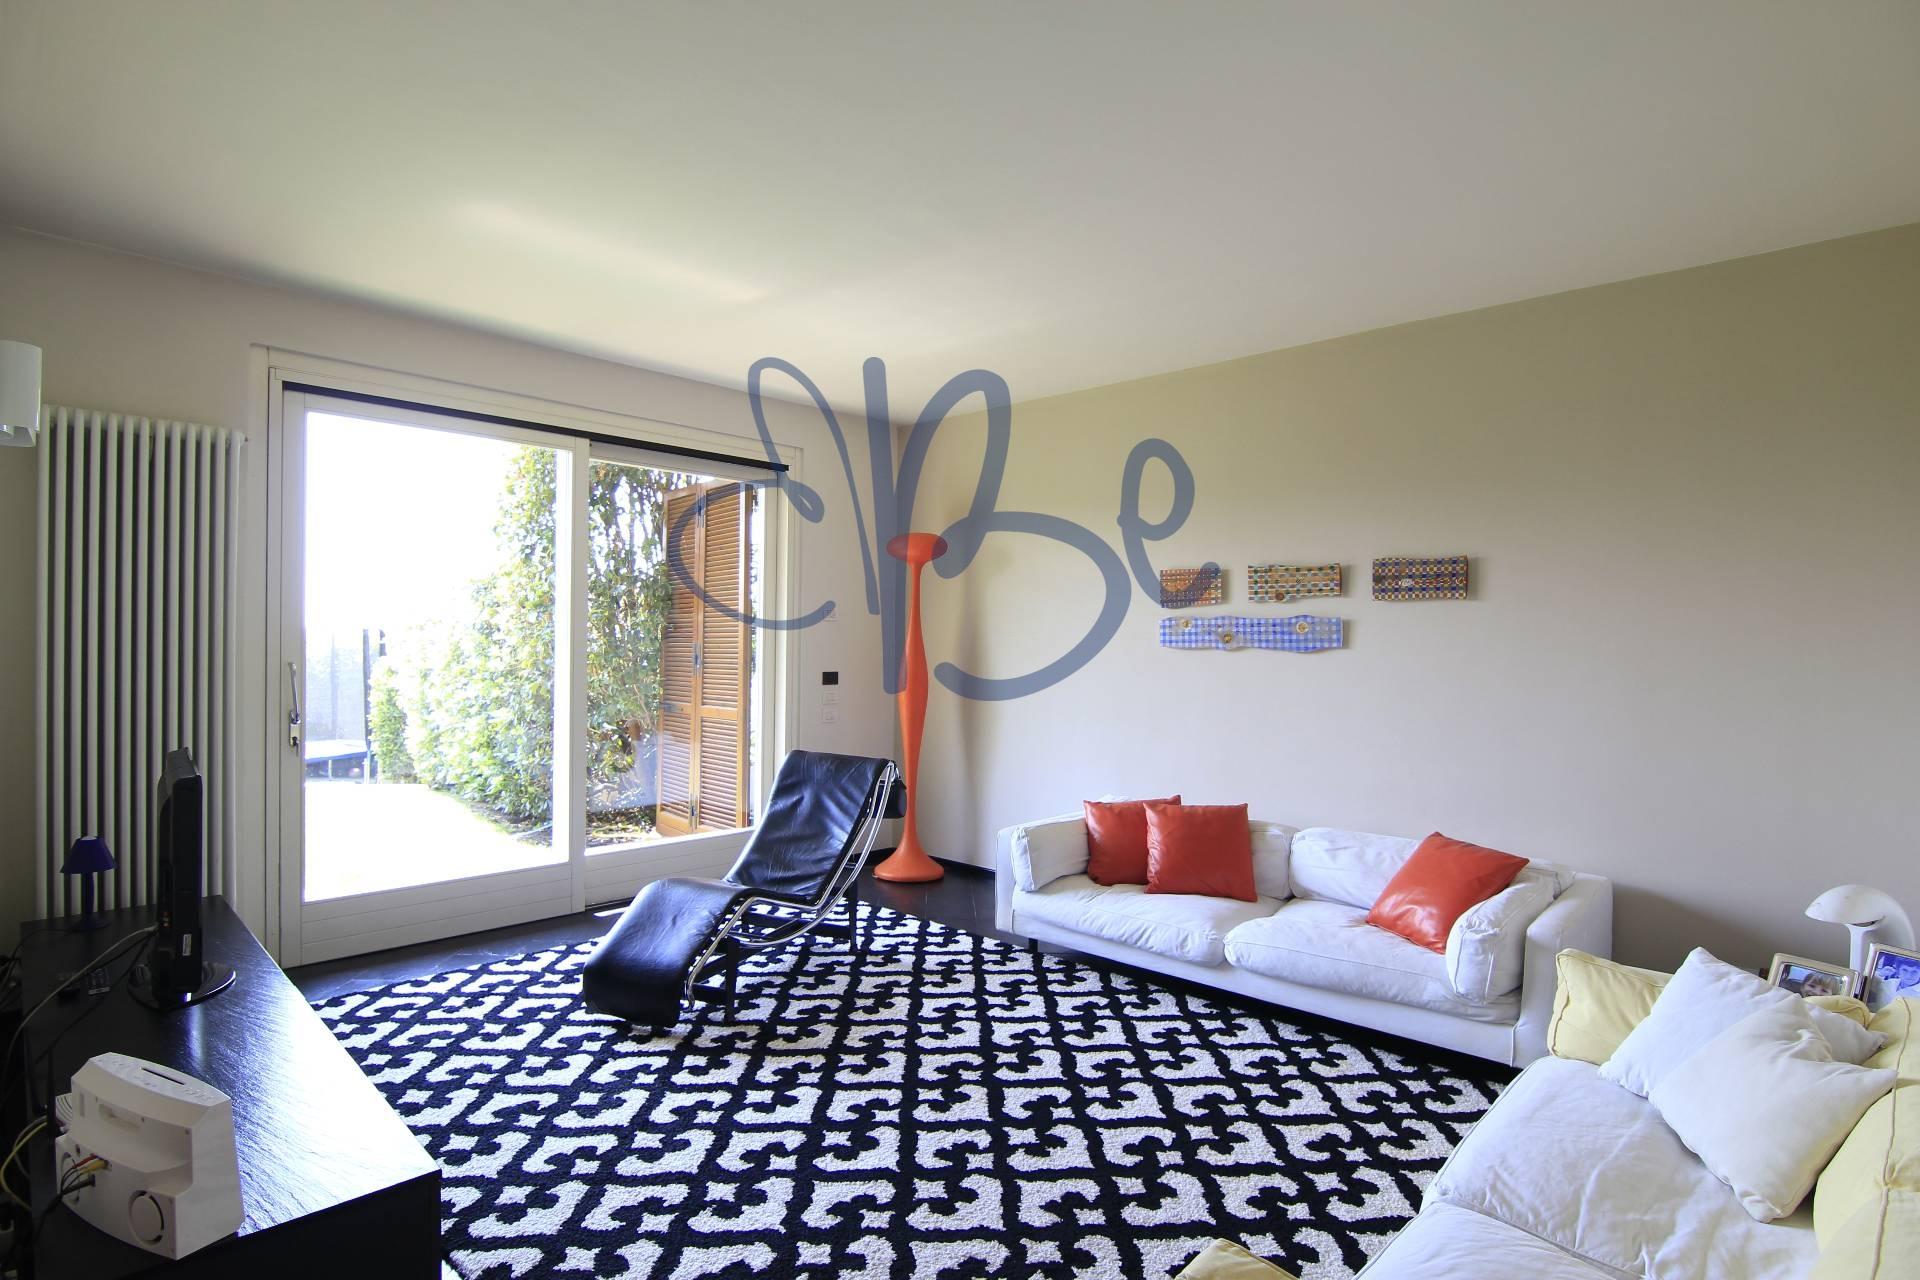 Villa Bifamiliare in vendita a Puegnago sul Garda, 5 locali, prezzo € 350.000 | CambioCasa.it